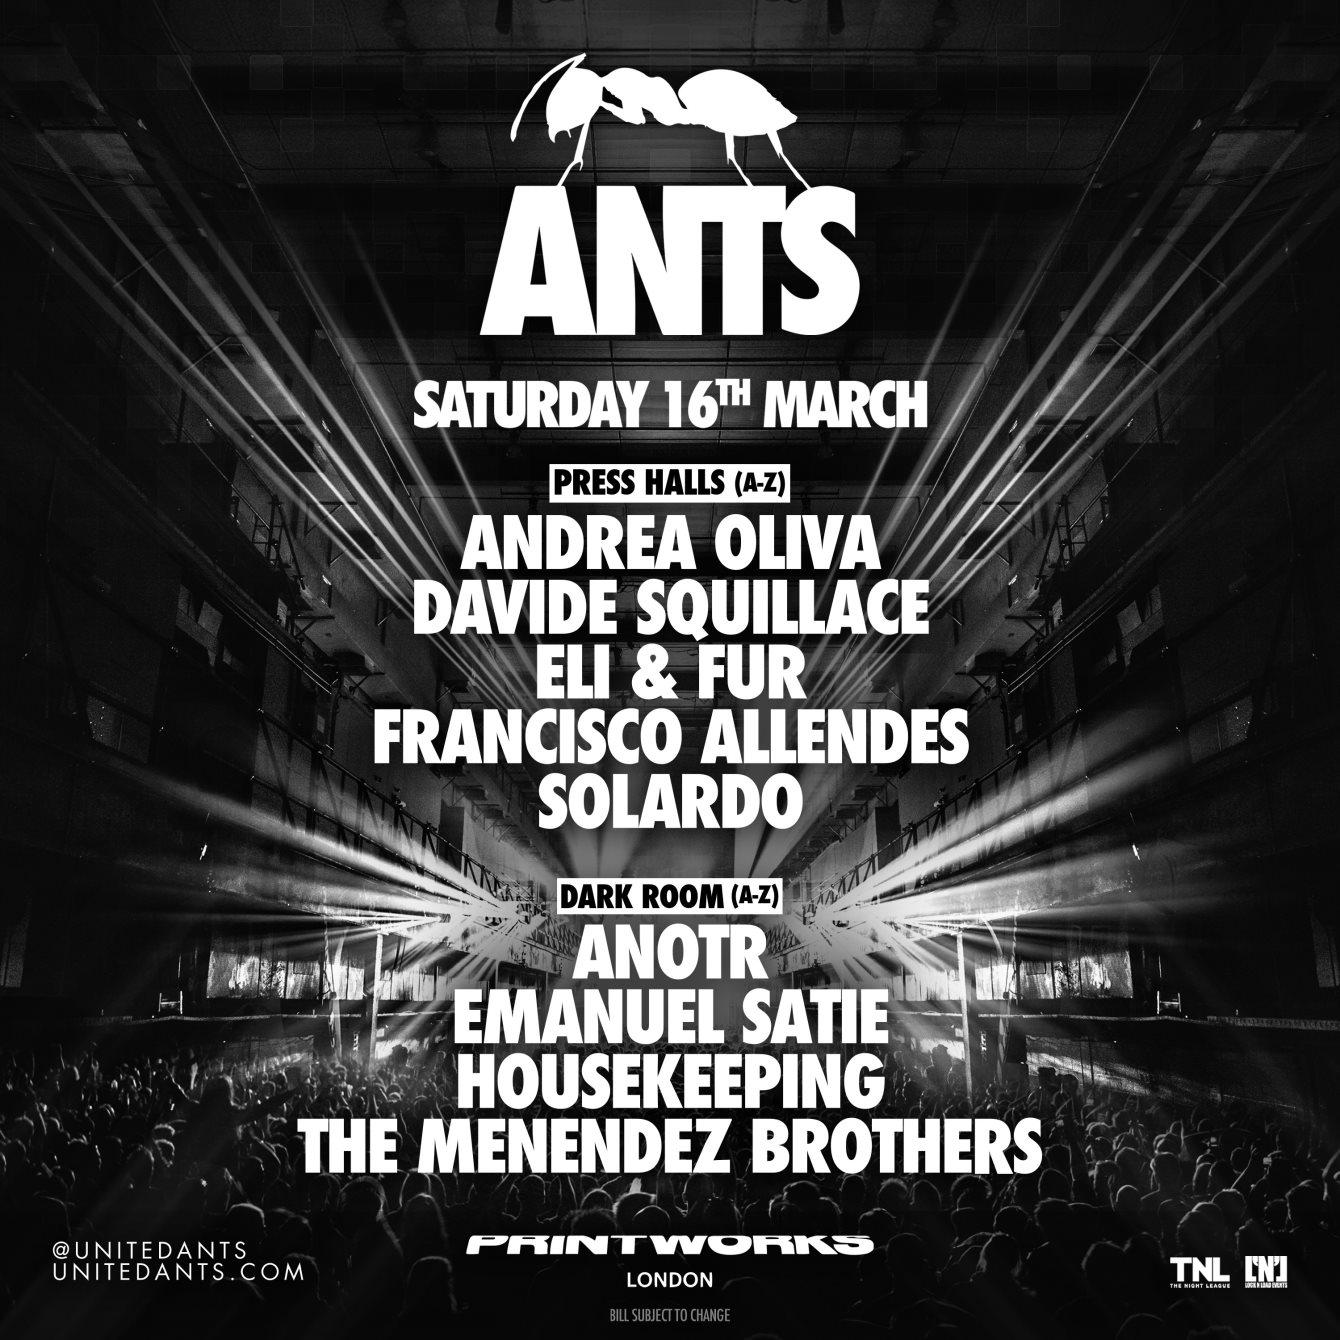 ANTS - Flyer back